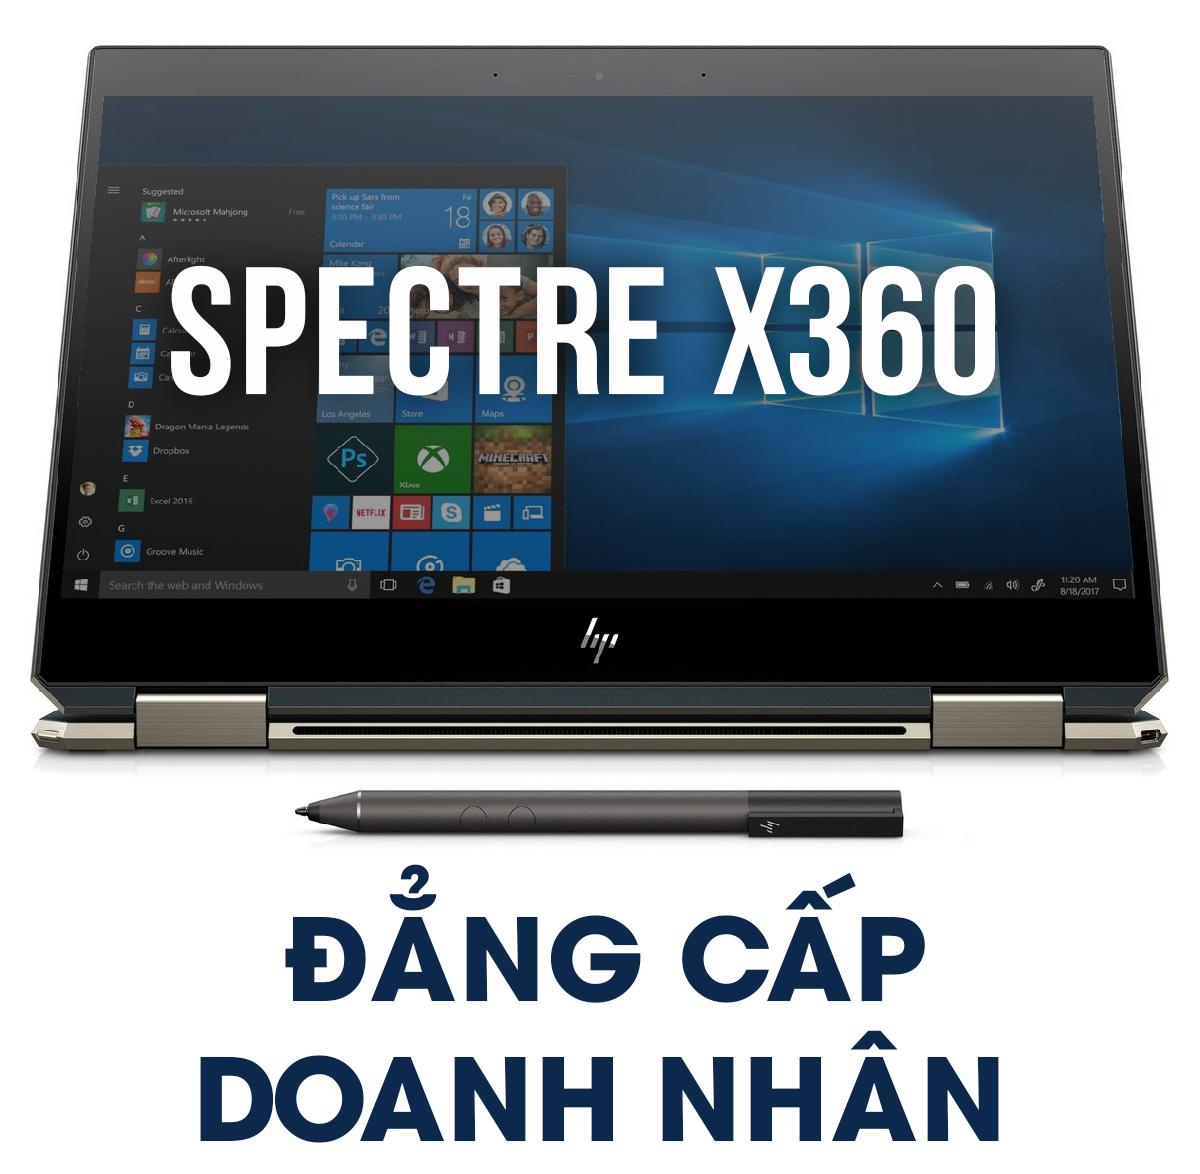 """[REVIEW] HP SPECTRE X360 - MẪU ULTRABOOK """"LAI"""" MỎNG NHẸ ĐẲNG CẤP DOANH NHÂN"""